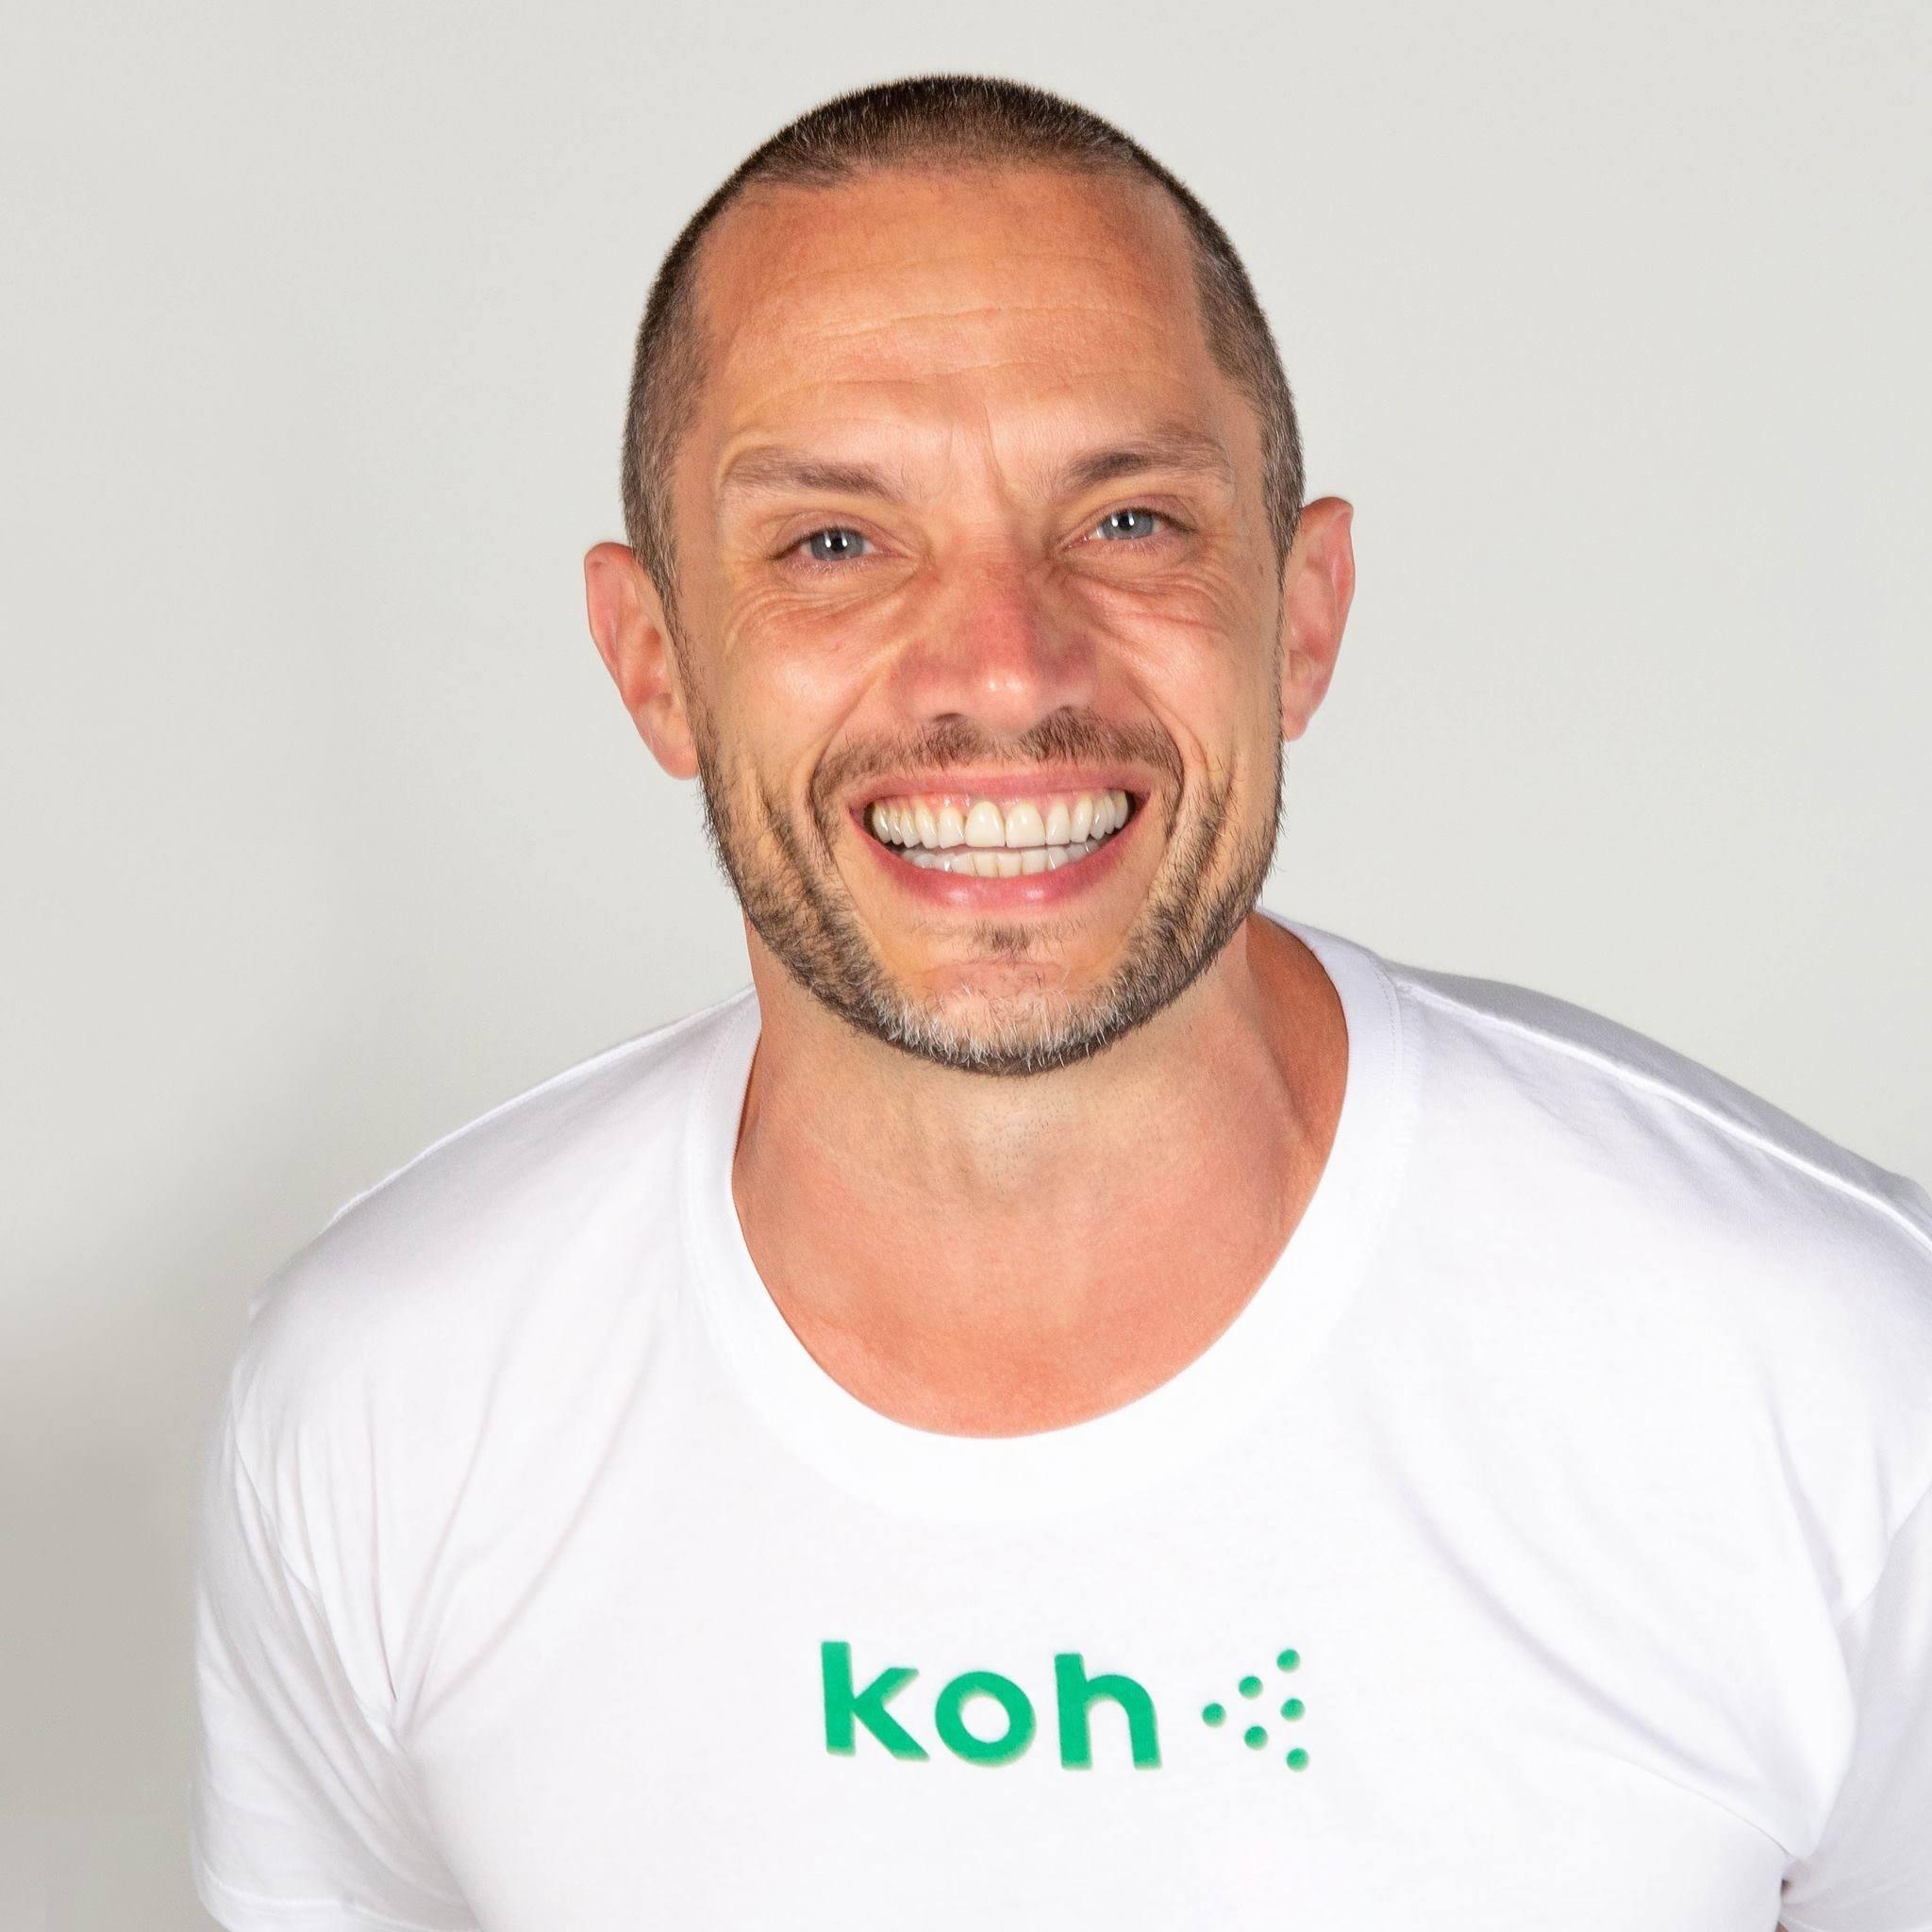 Online Retailers Koh & Kogan Share Top E-Commerce Tips